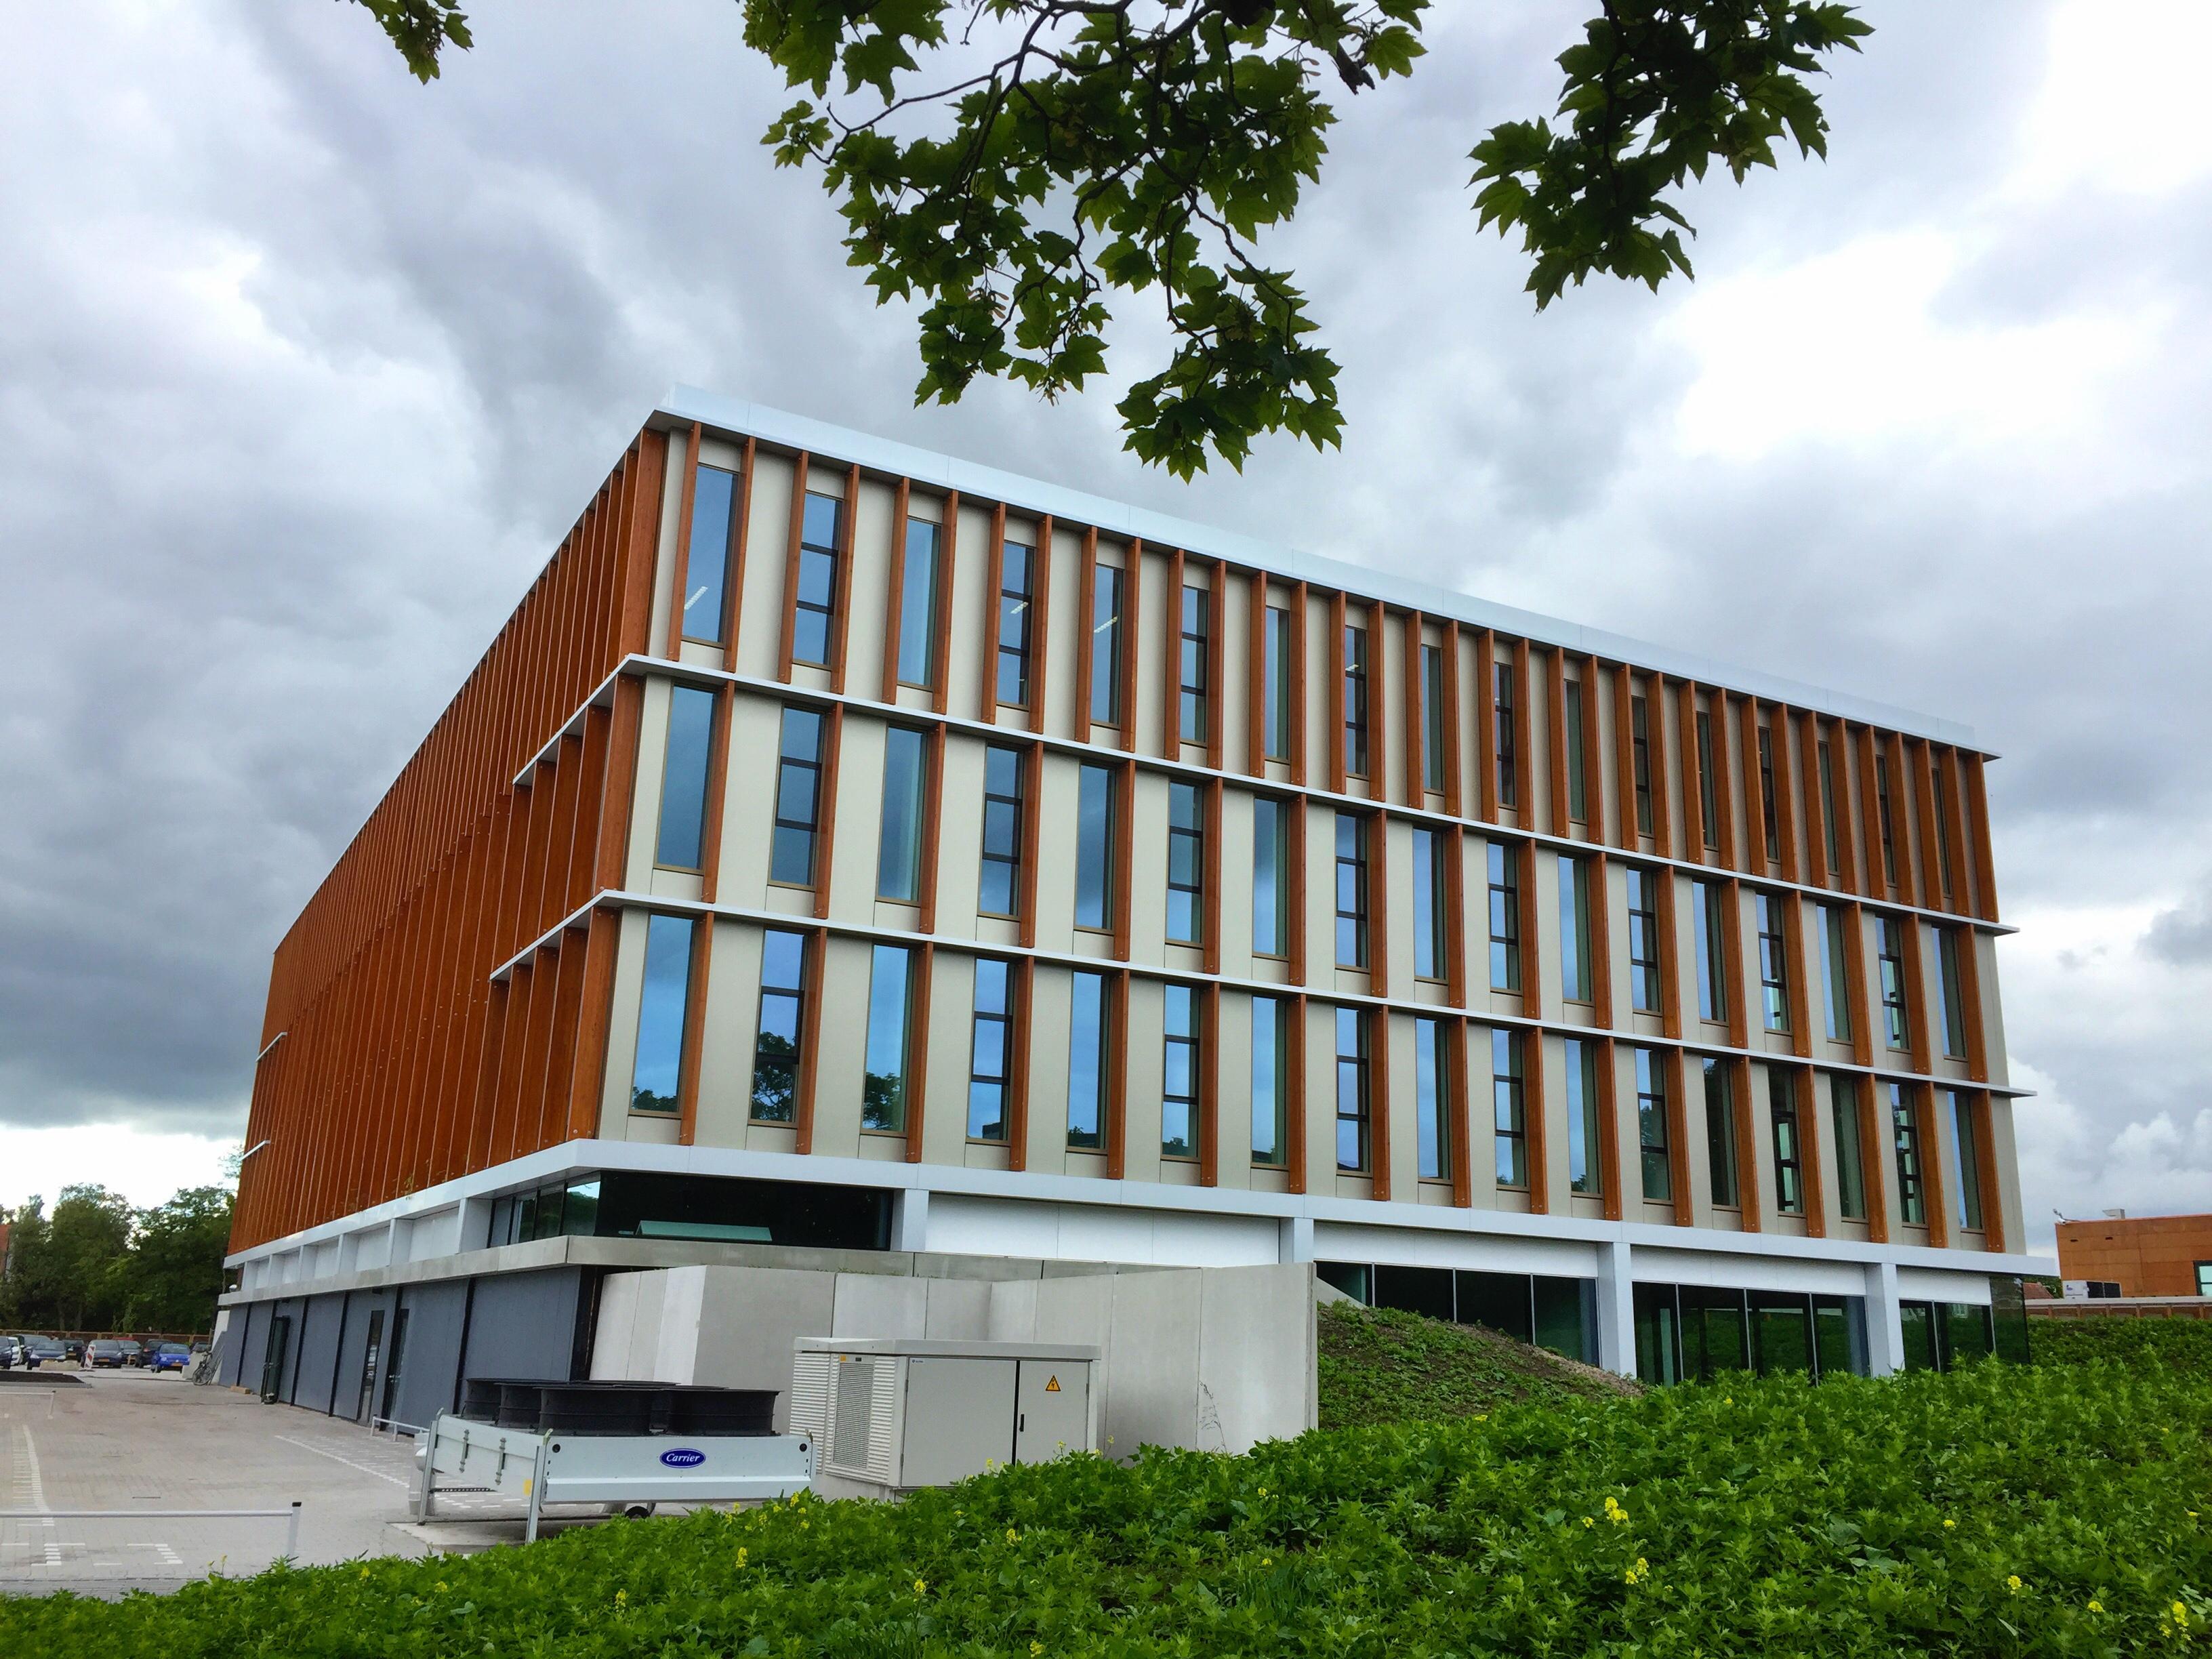 Nieuwbouw Nova College in Haarlem met 'hybride klimaateilanden' opent na zomervakantie